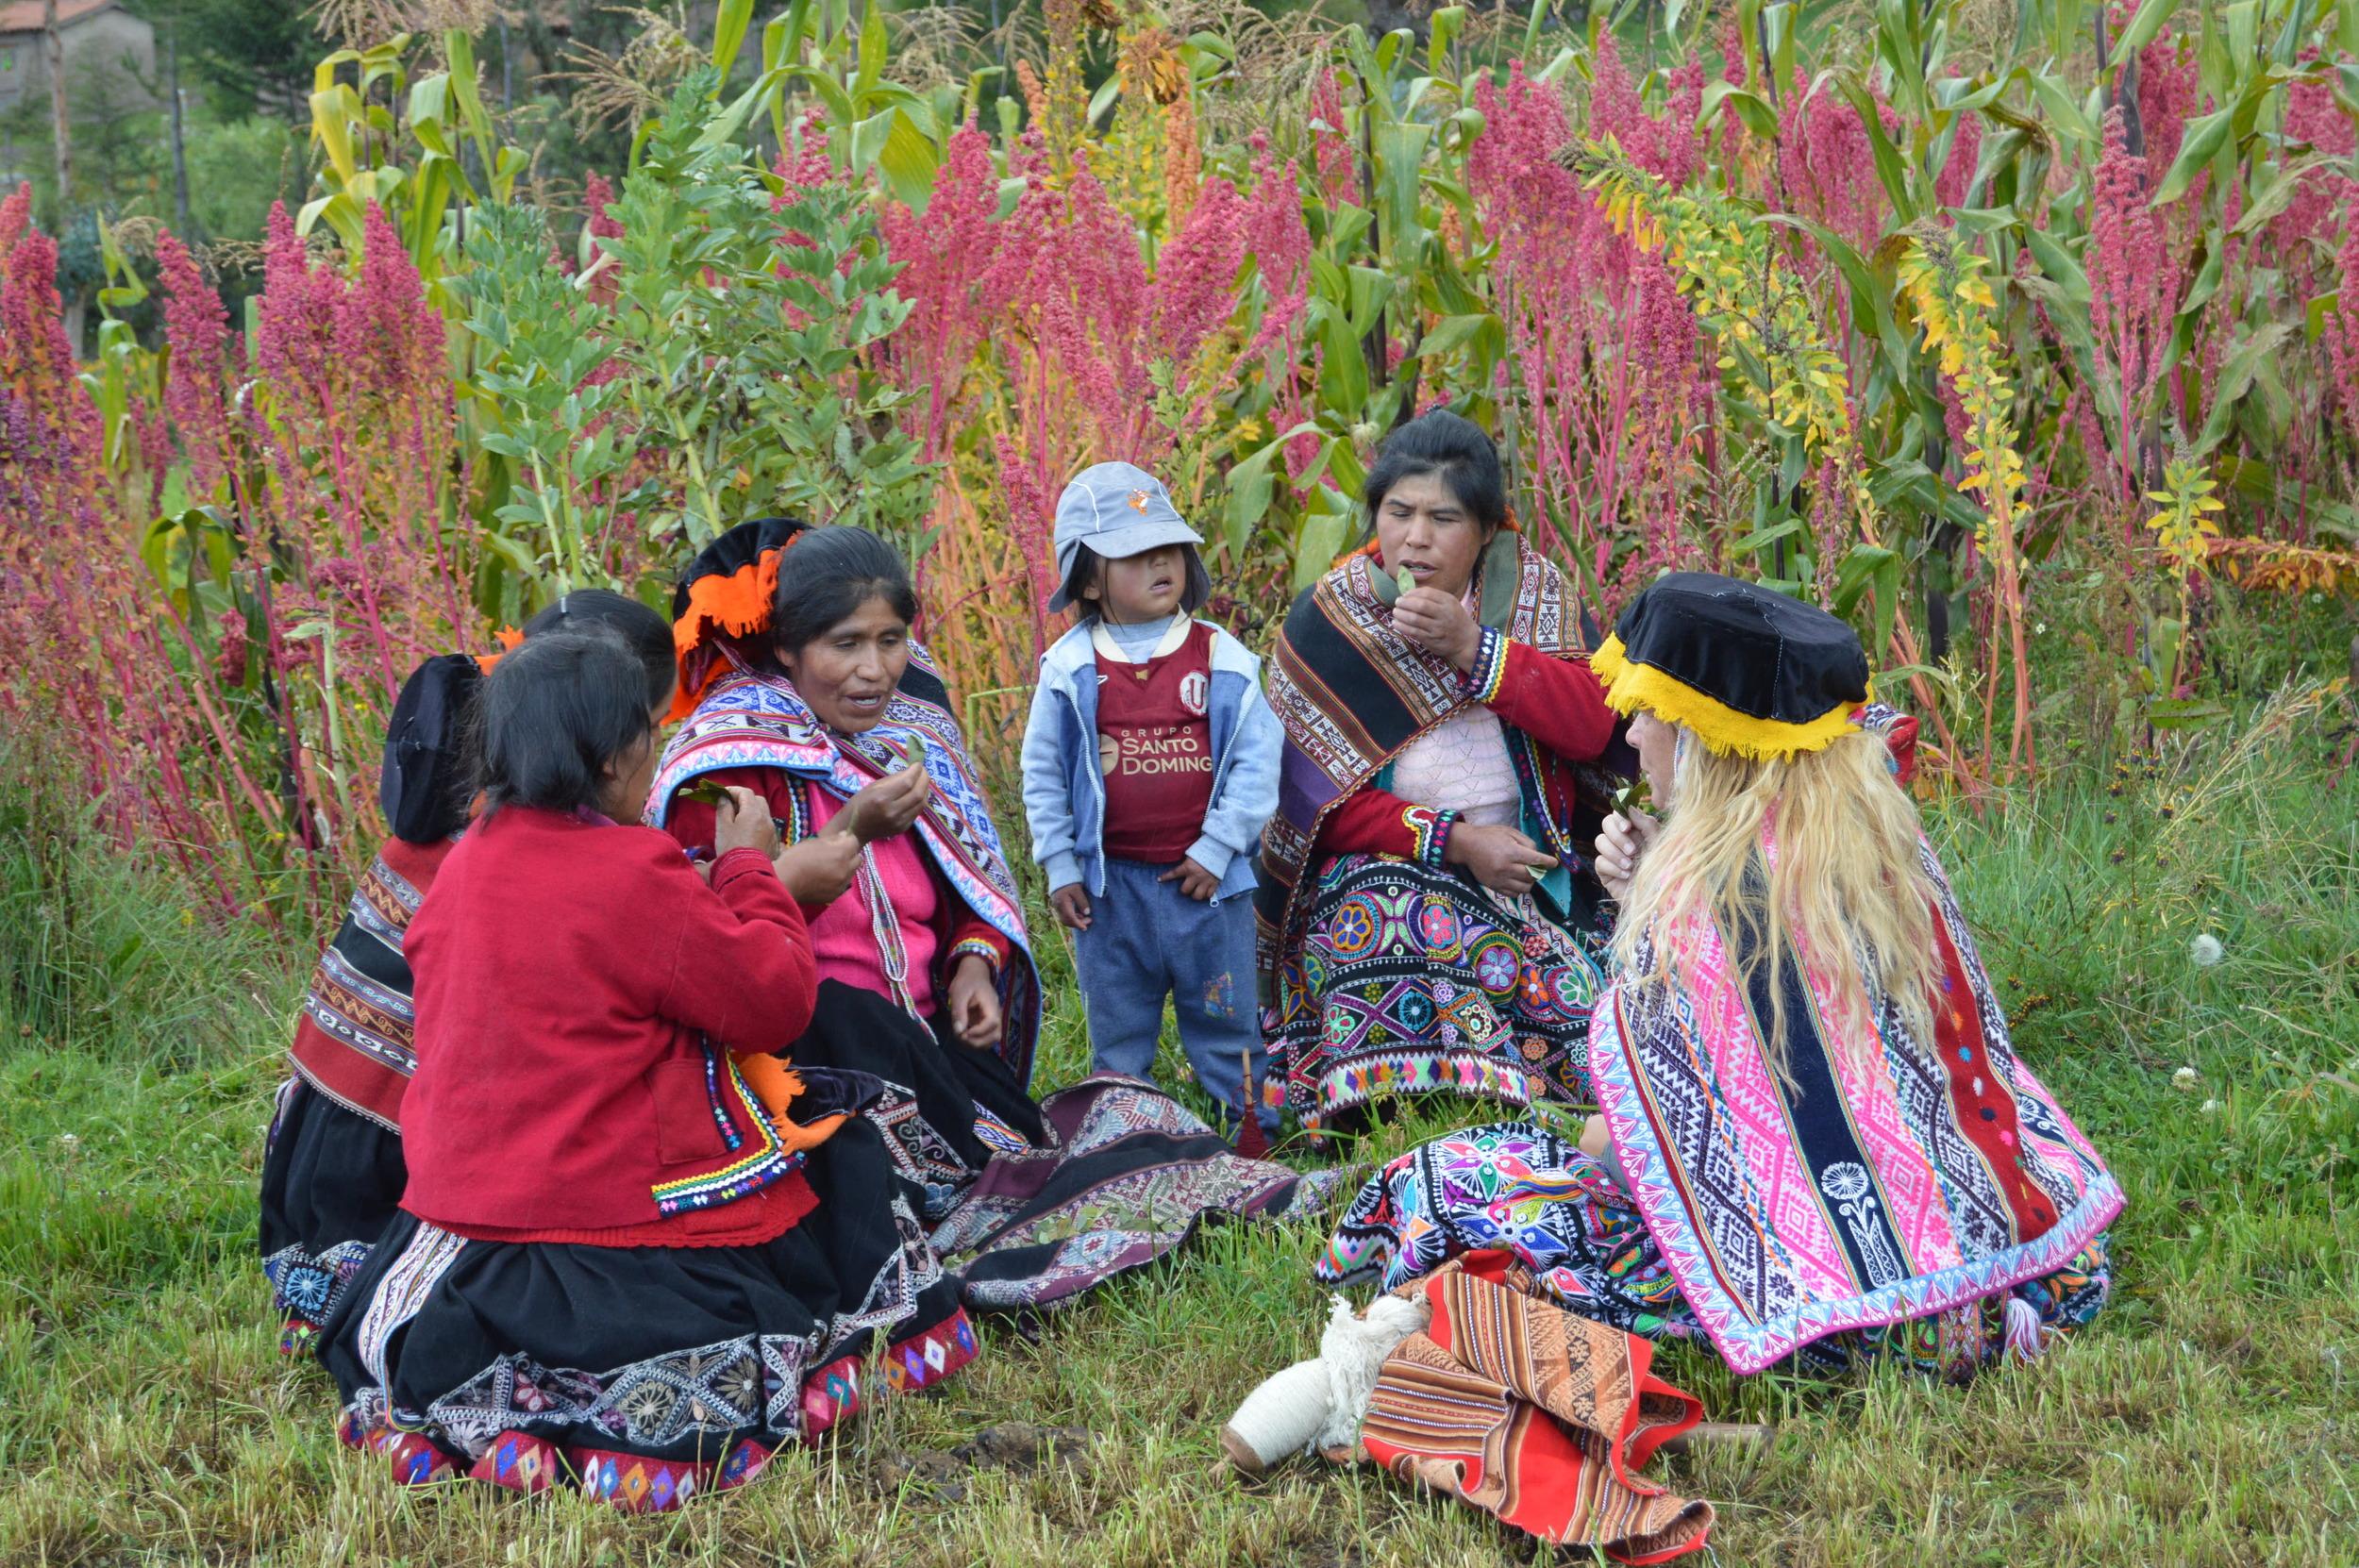 Coca leaf offering next to quinoa field at Amaru Community near Cusco, Peru